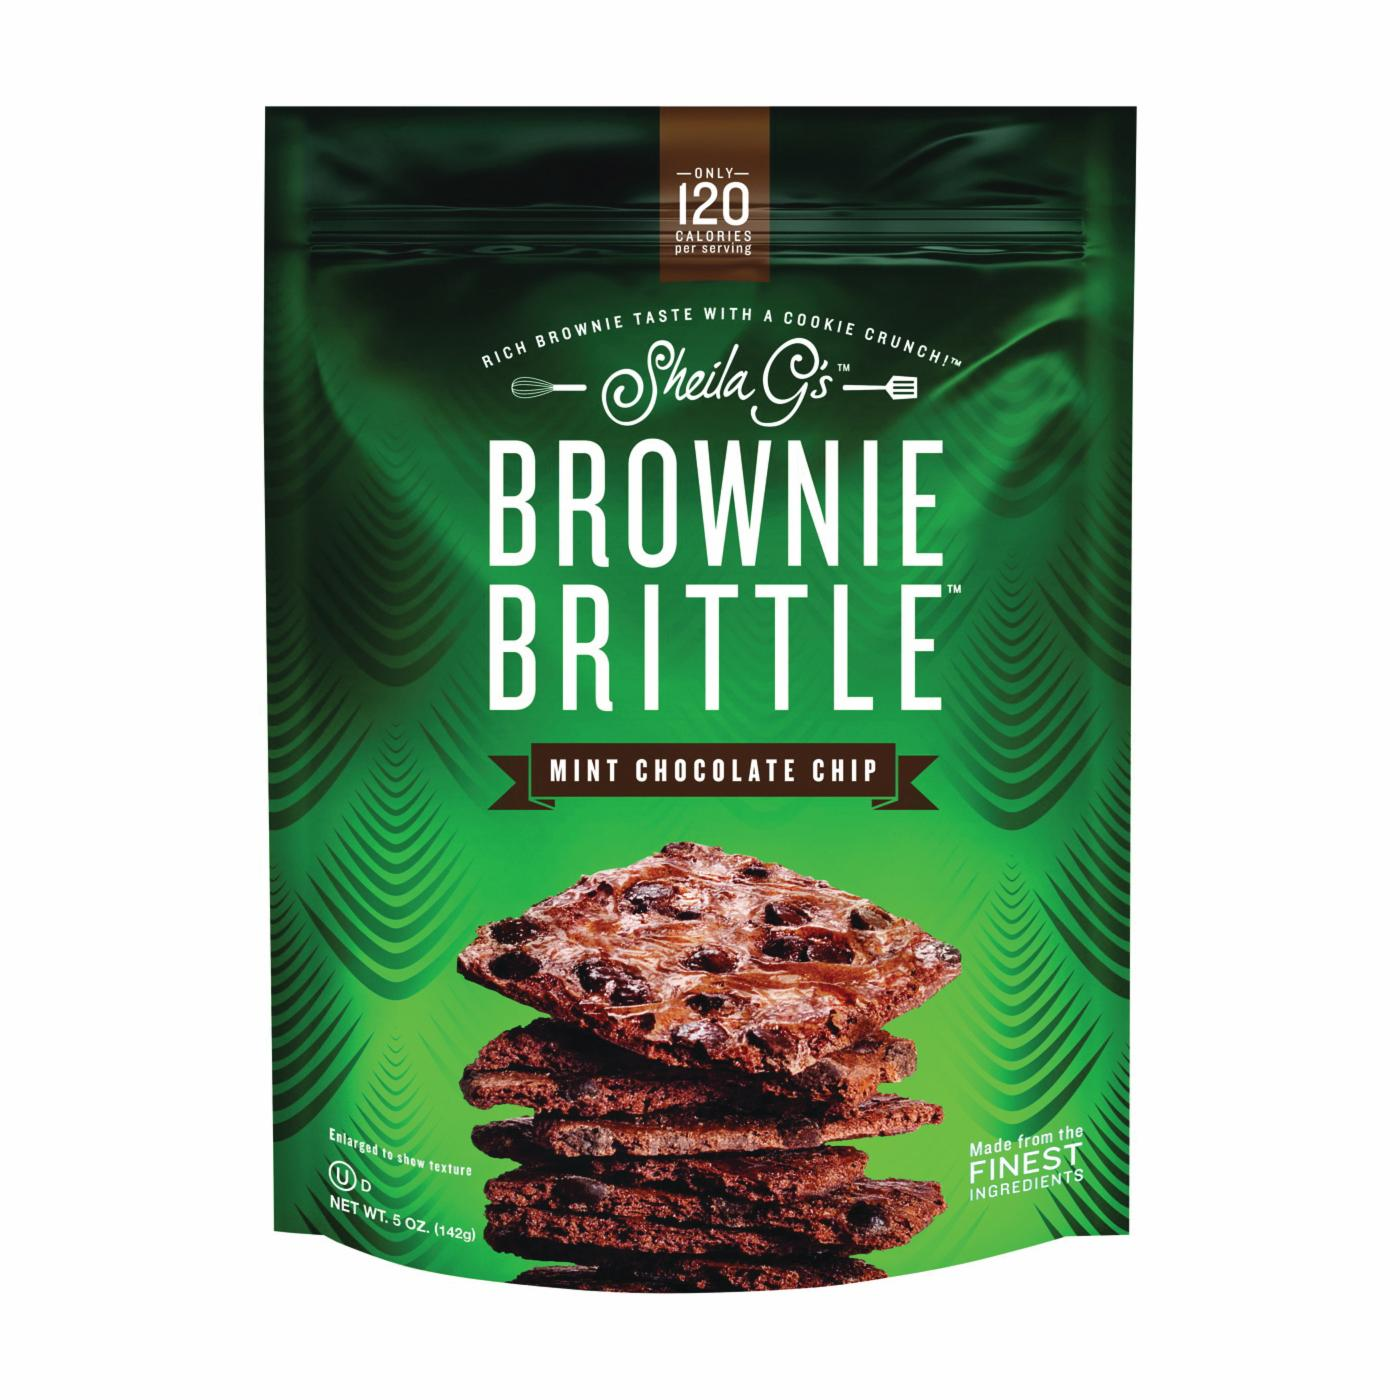 BROWNIE BRITTLE SG1294